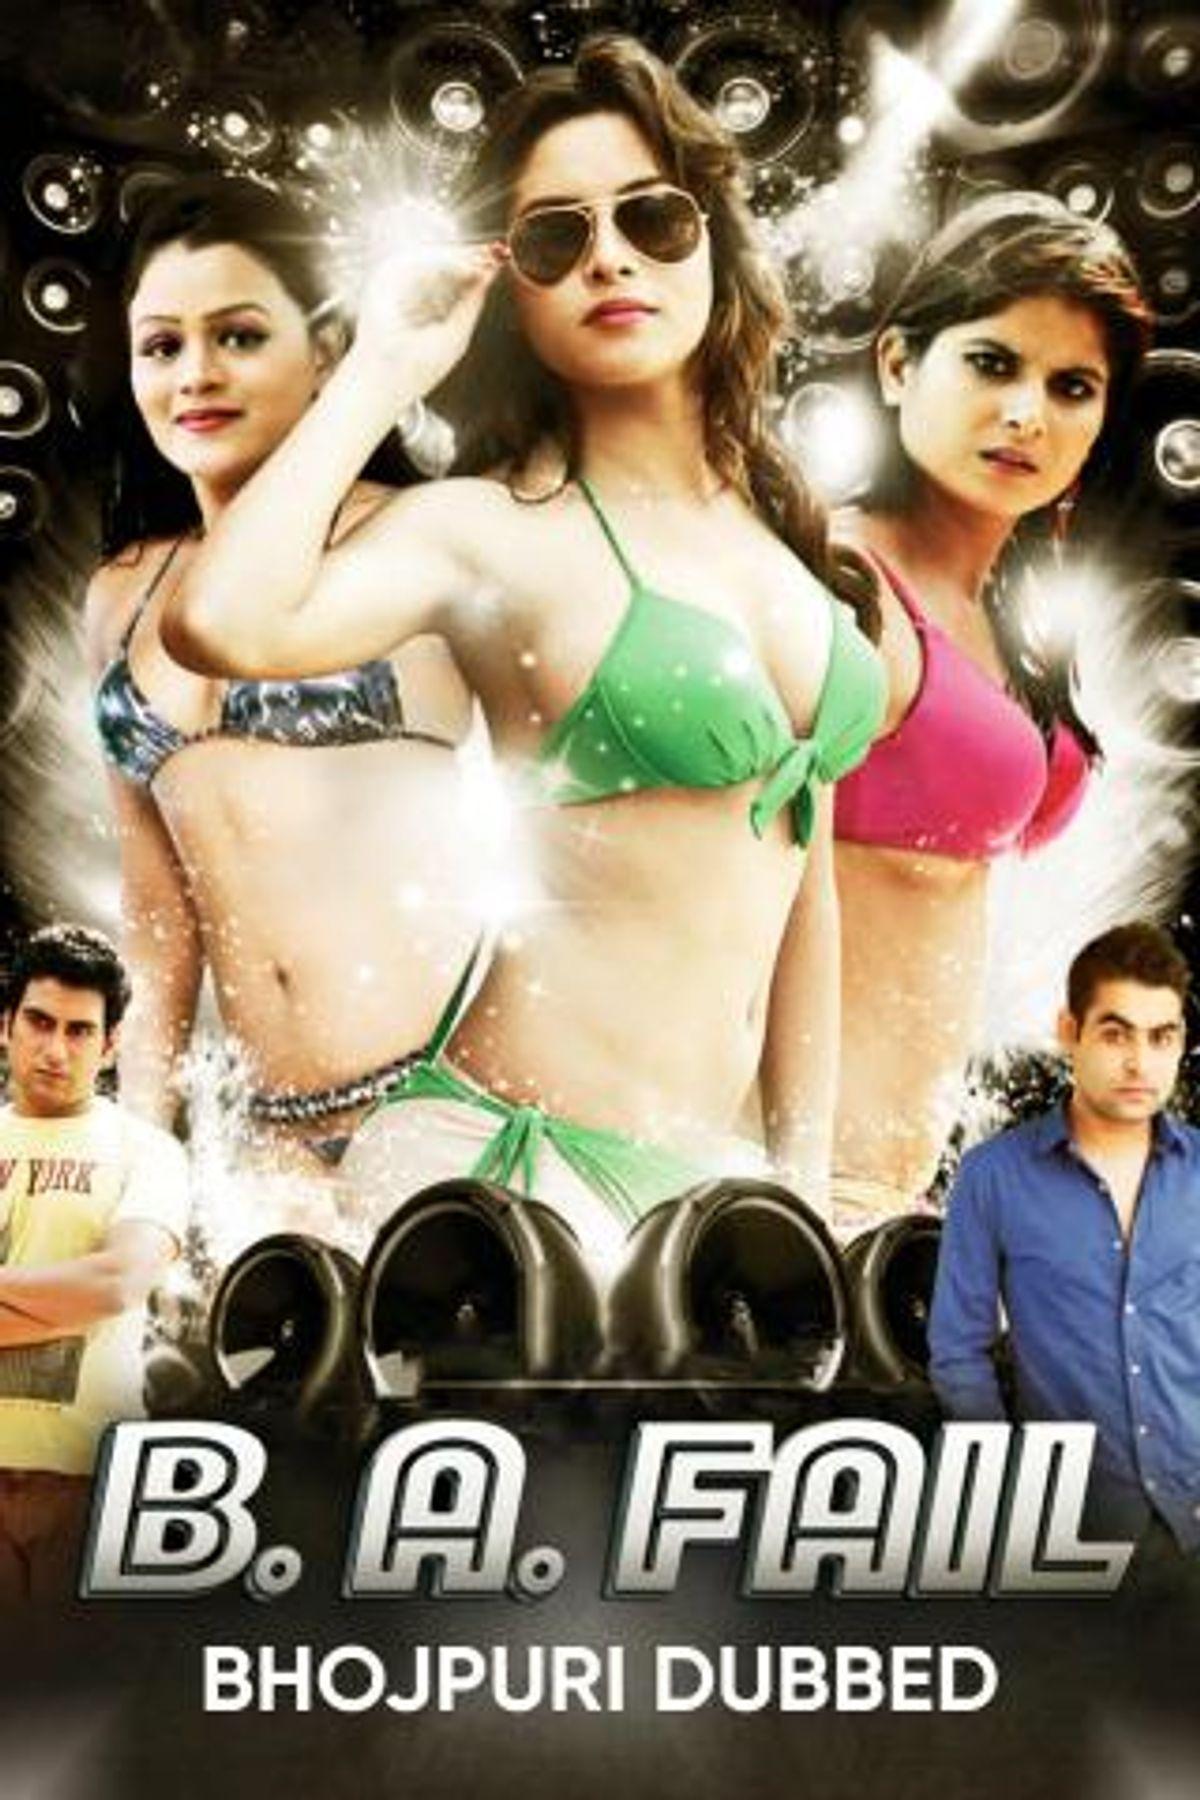 B.A.Fail (Bhojpuri Dubbed)